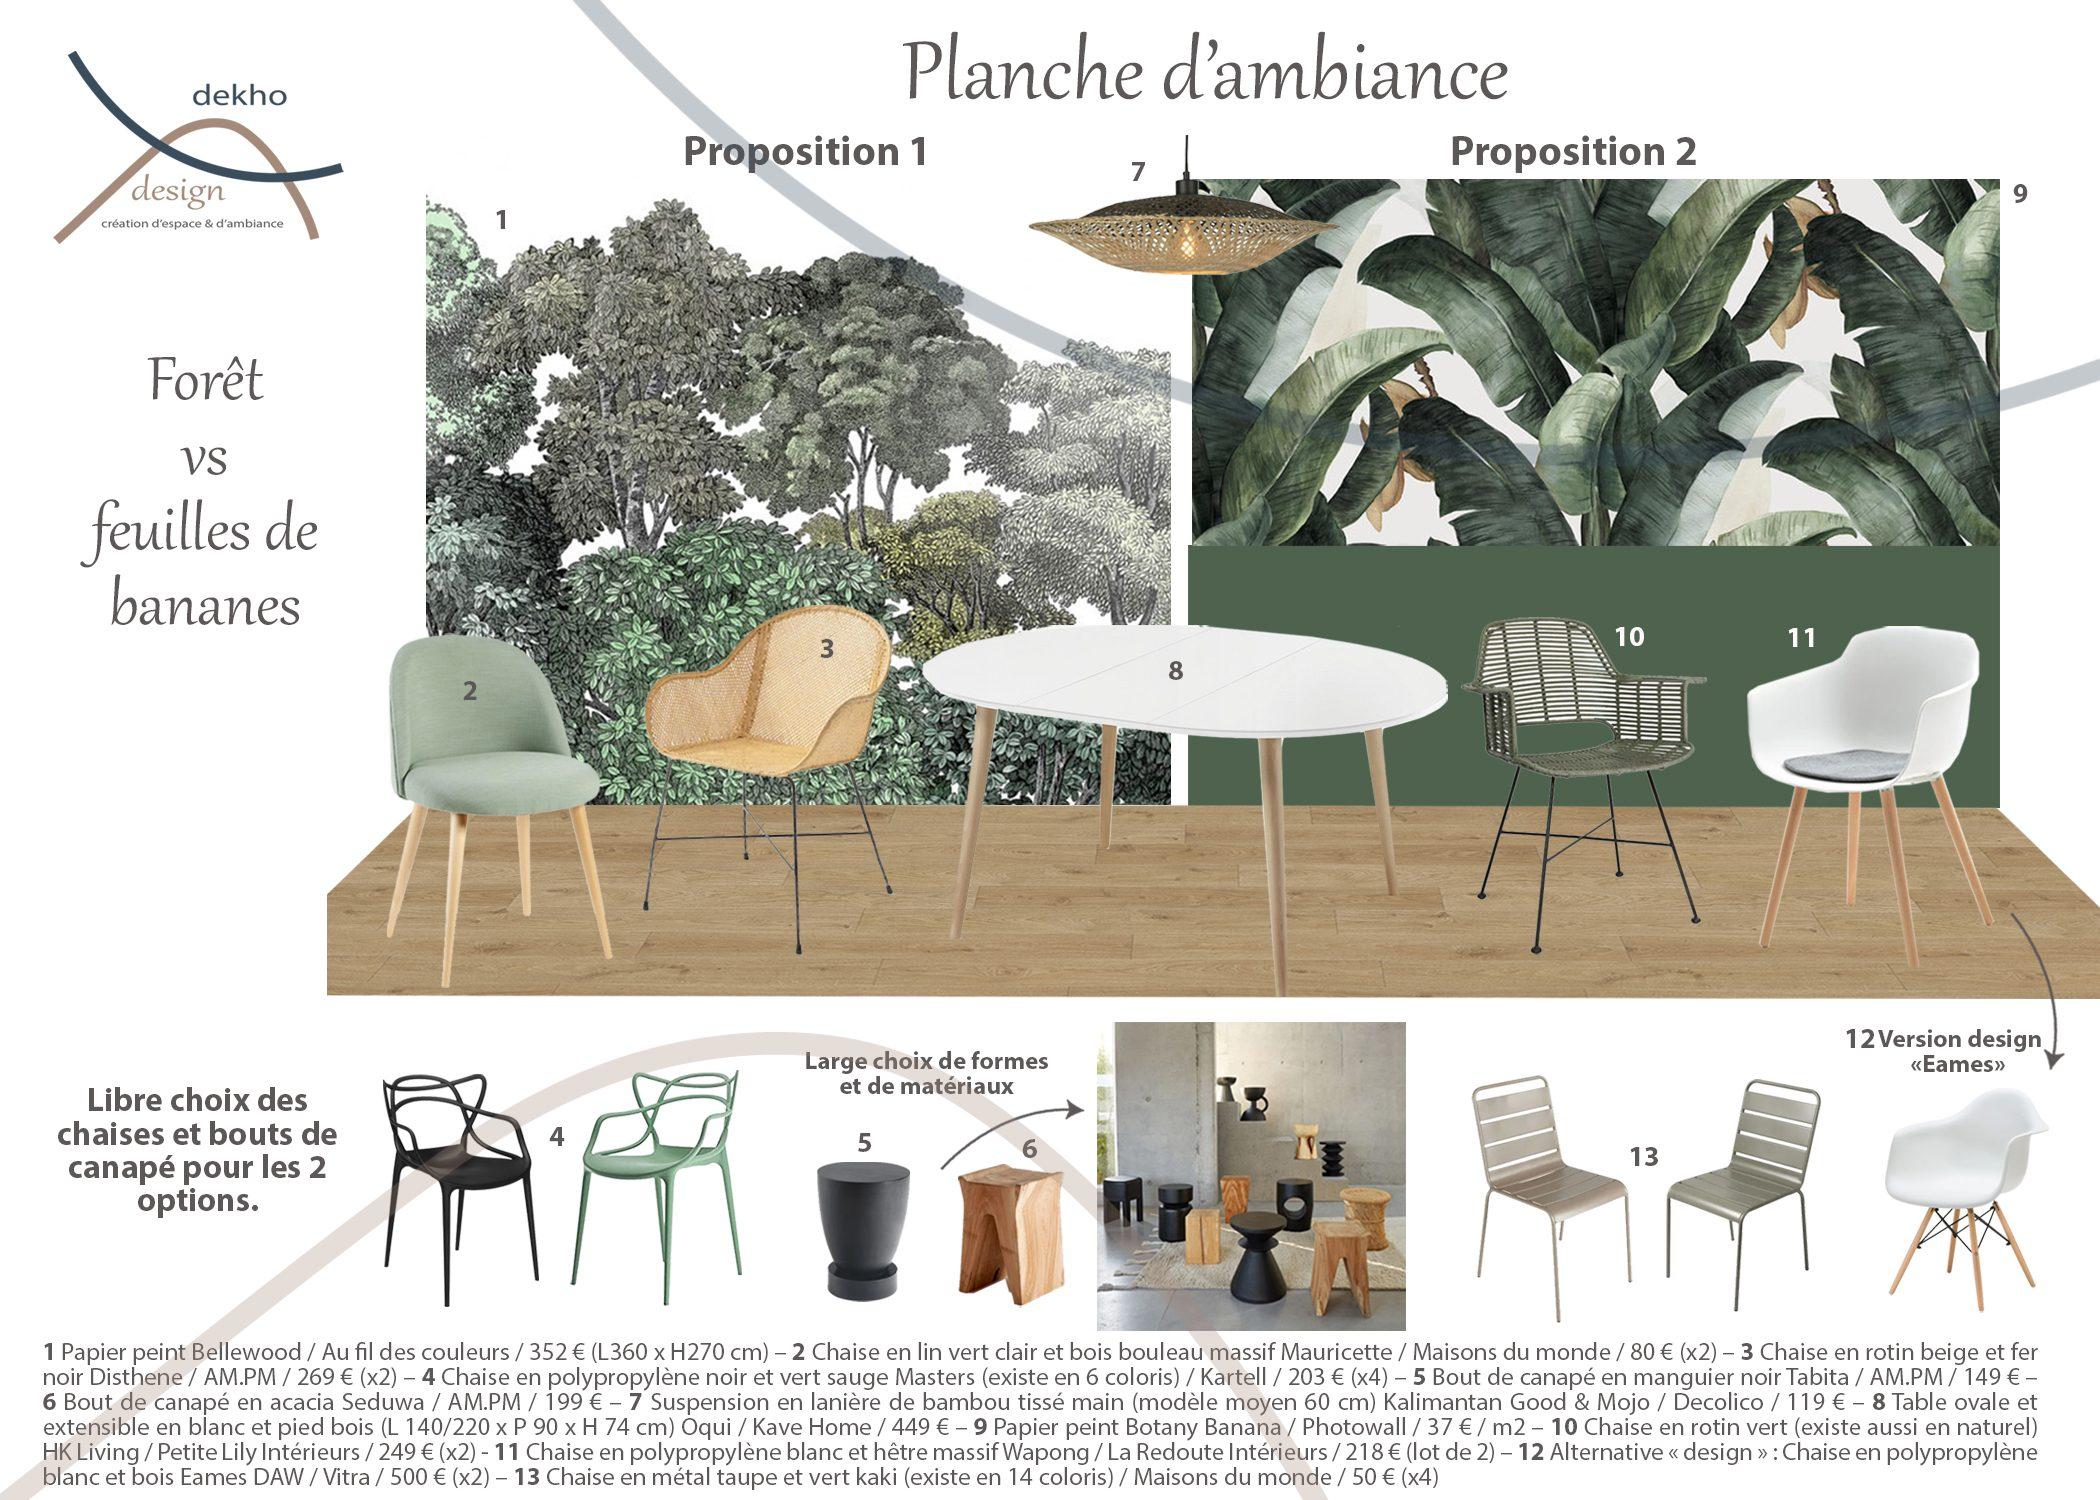 decoration-salle à manger-planche d'ambiance-paris-dekho design